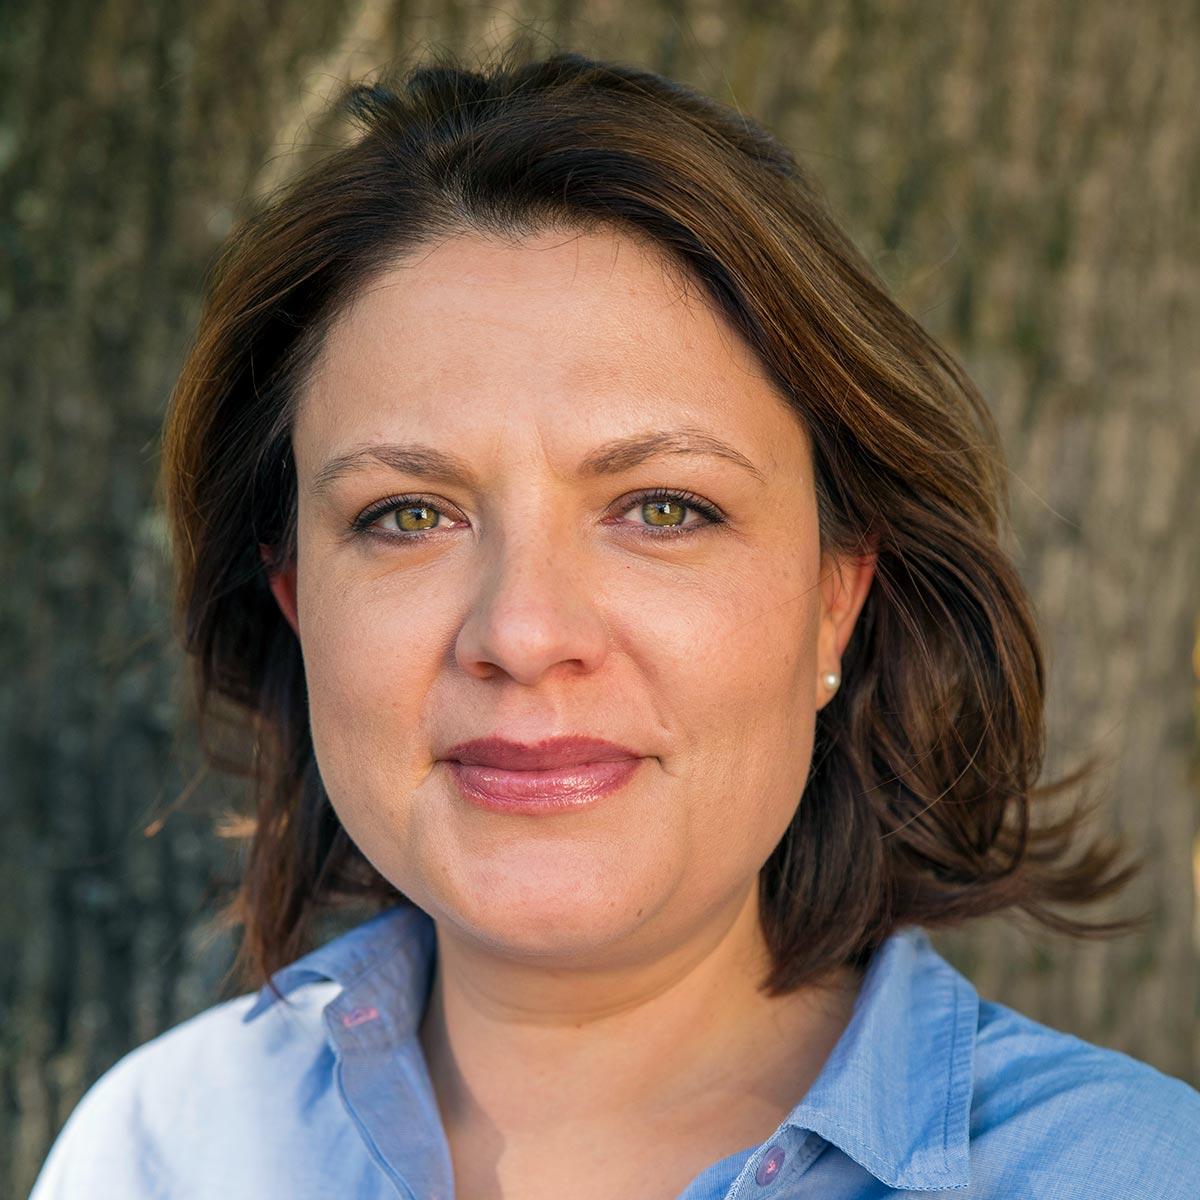 Arabelle Herkner